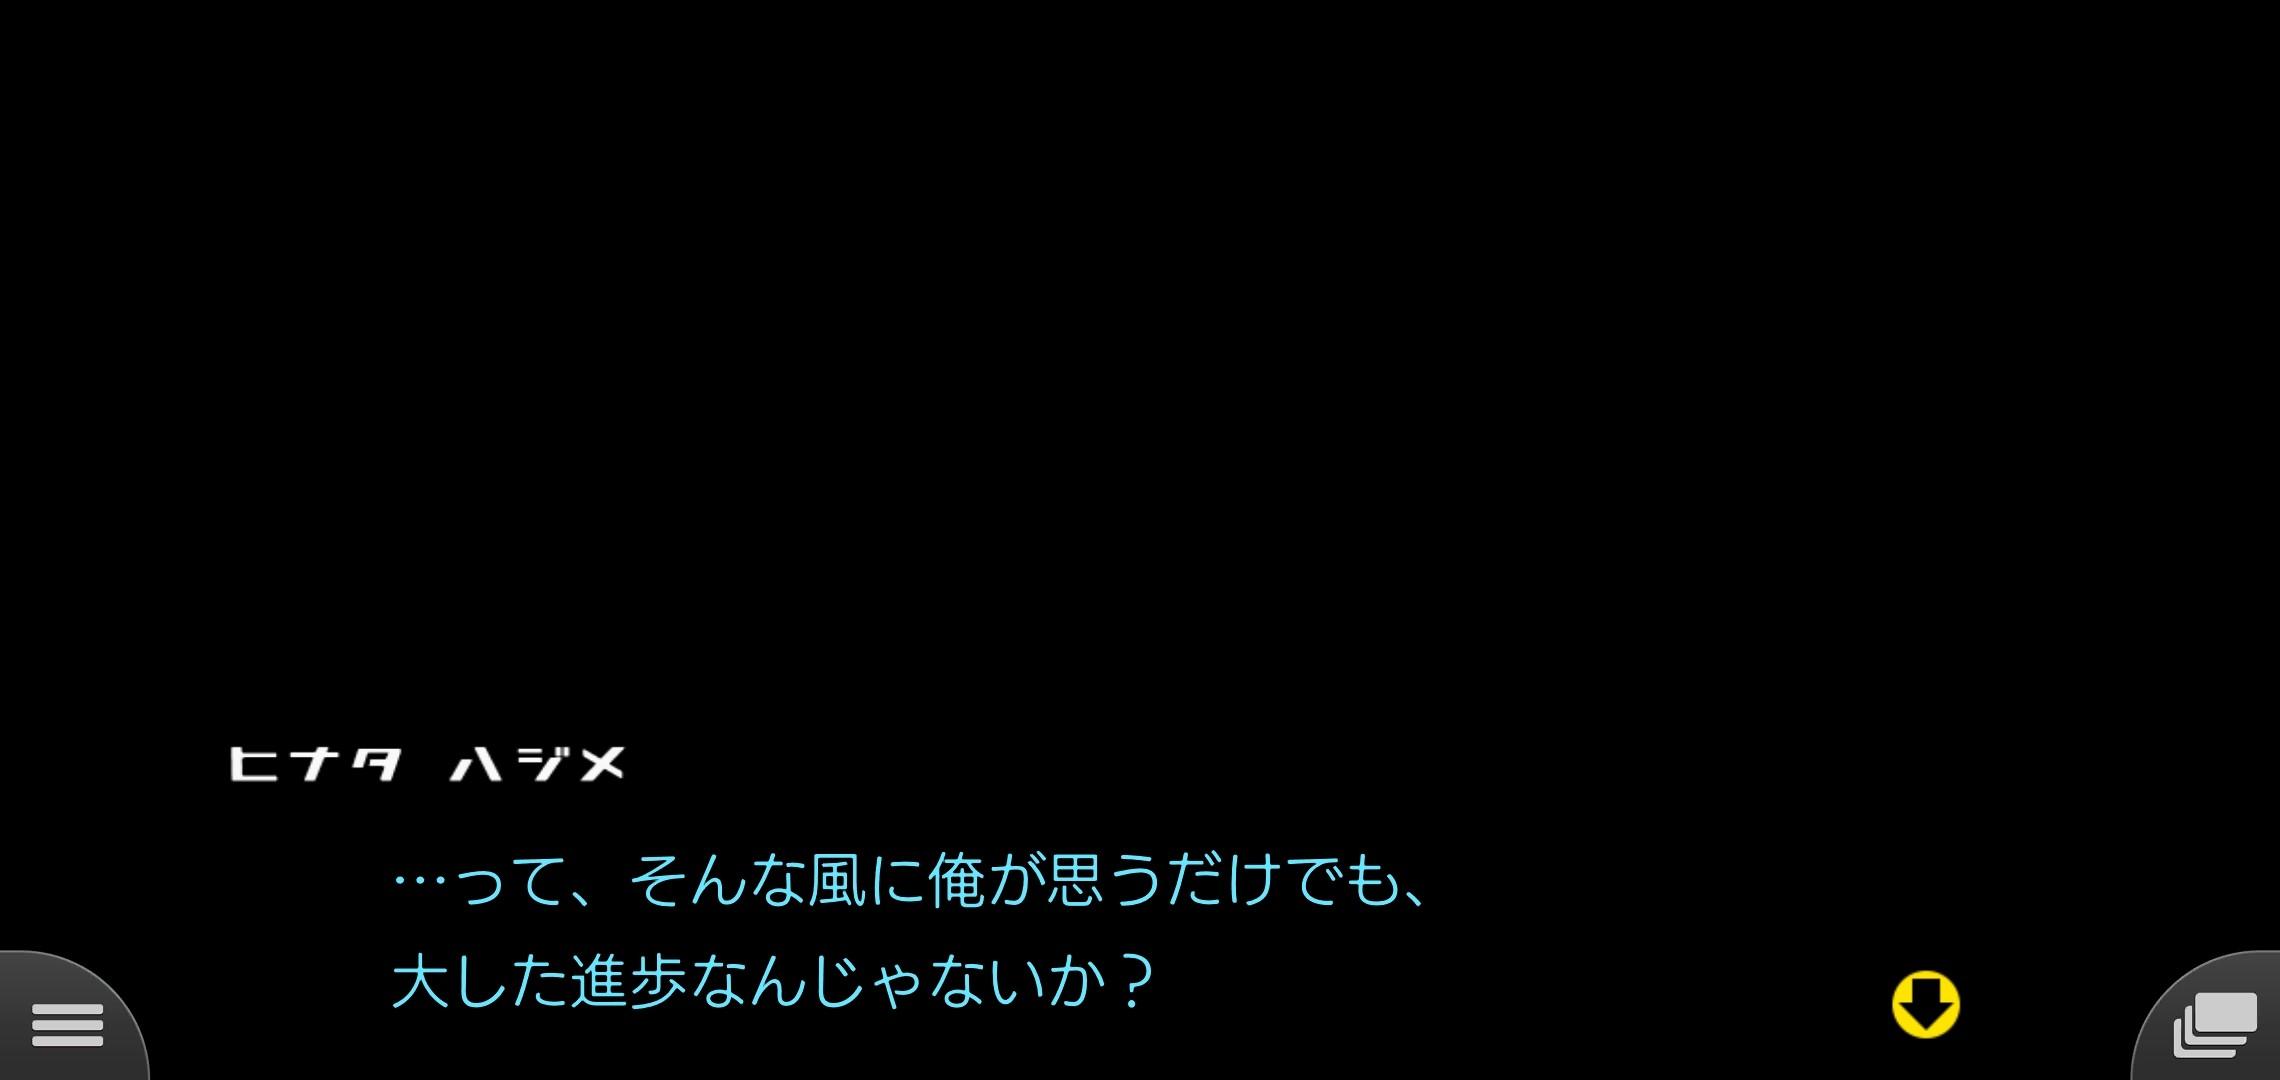 f:id:Rinburu:20201128182719j:plain